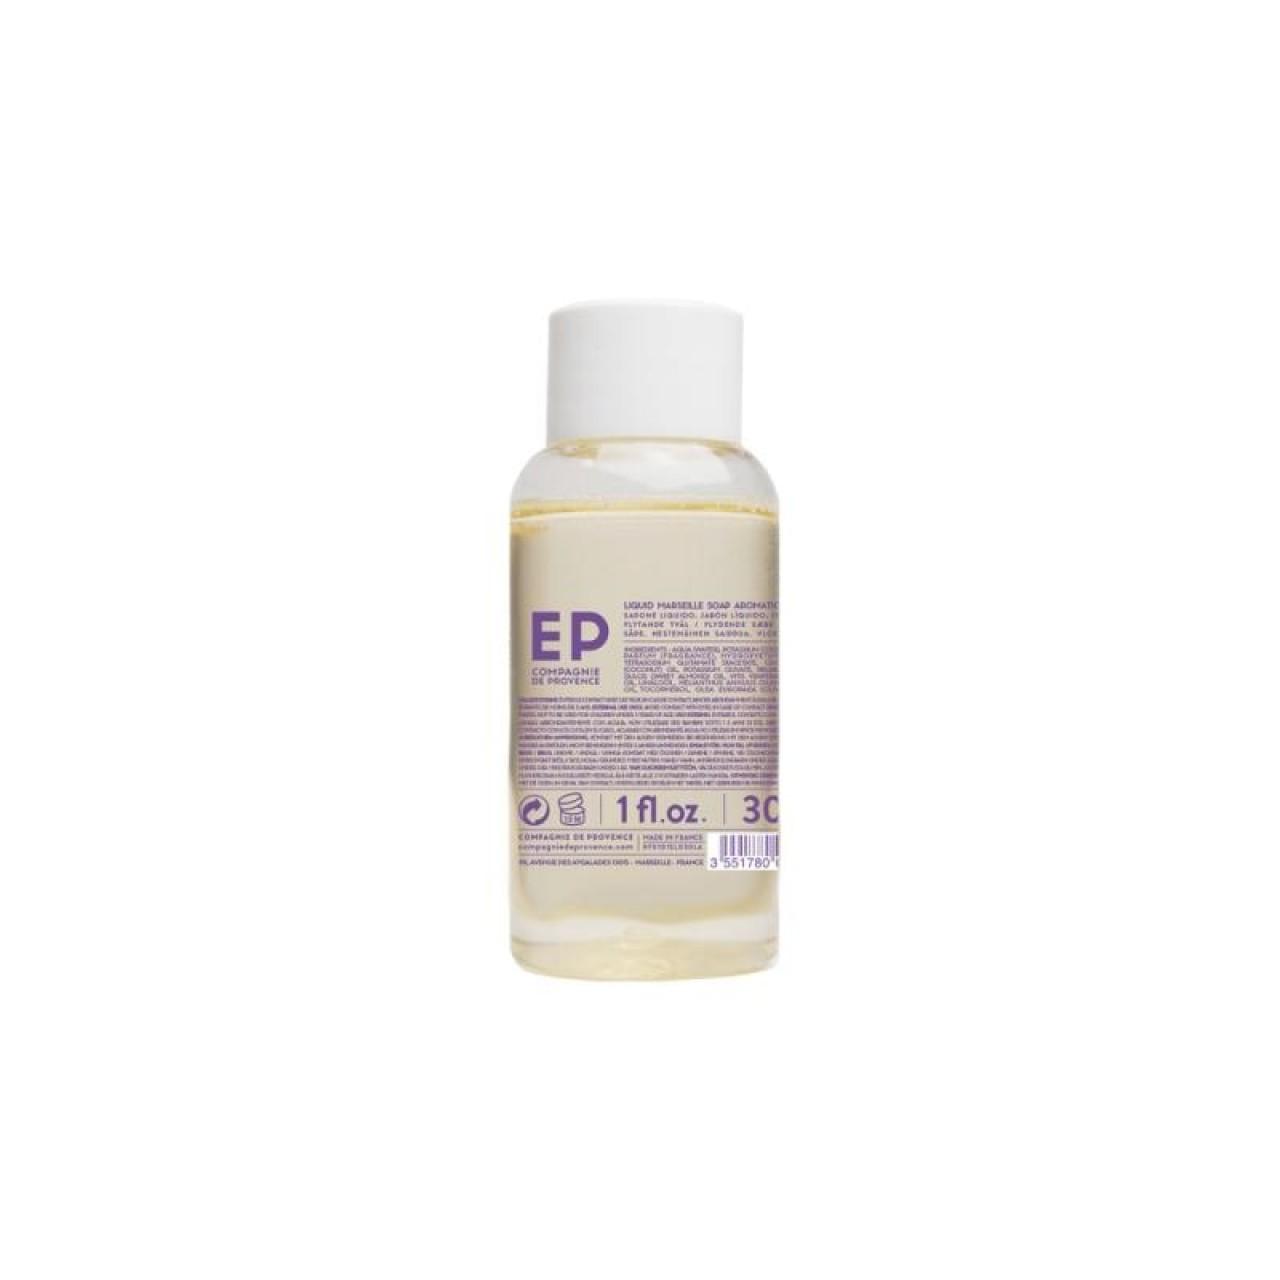 Sapone Liquido di Marsiglia alla Lavanda Aromatica 30 ml Compagnie de Provence Italia CPPF0101SL030LA-01